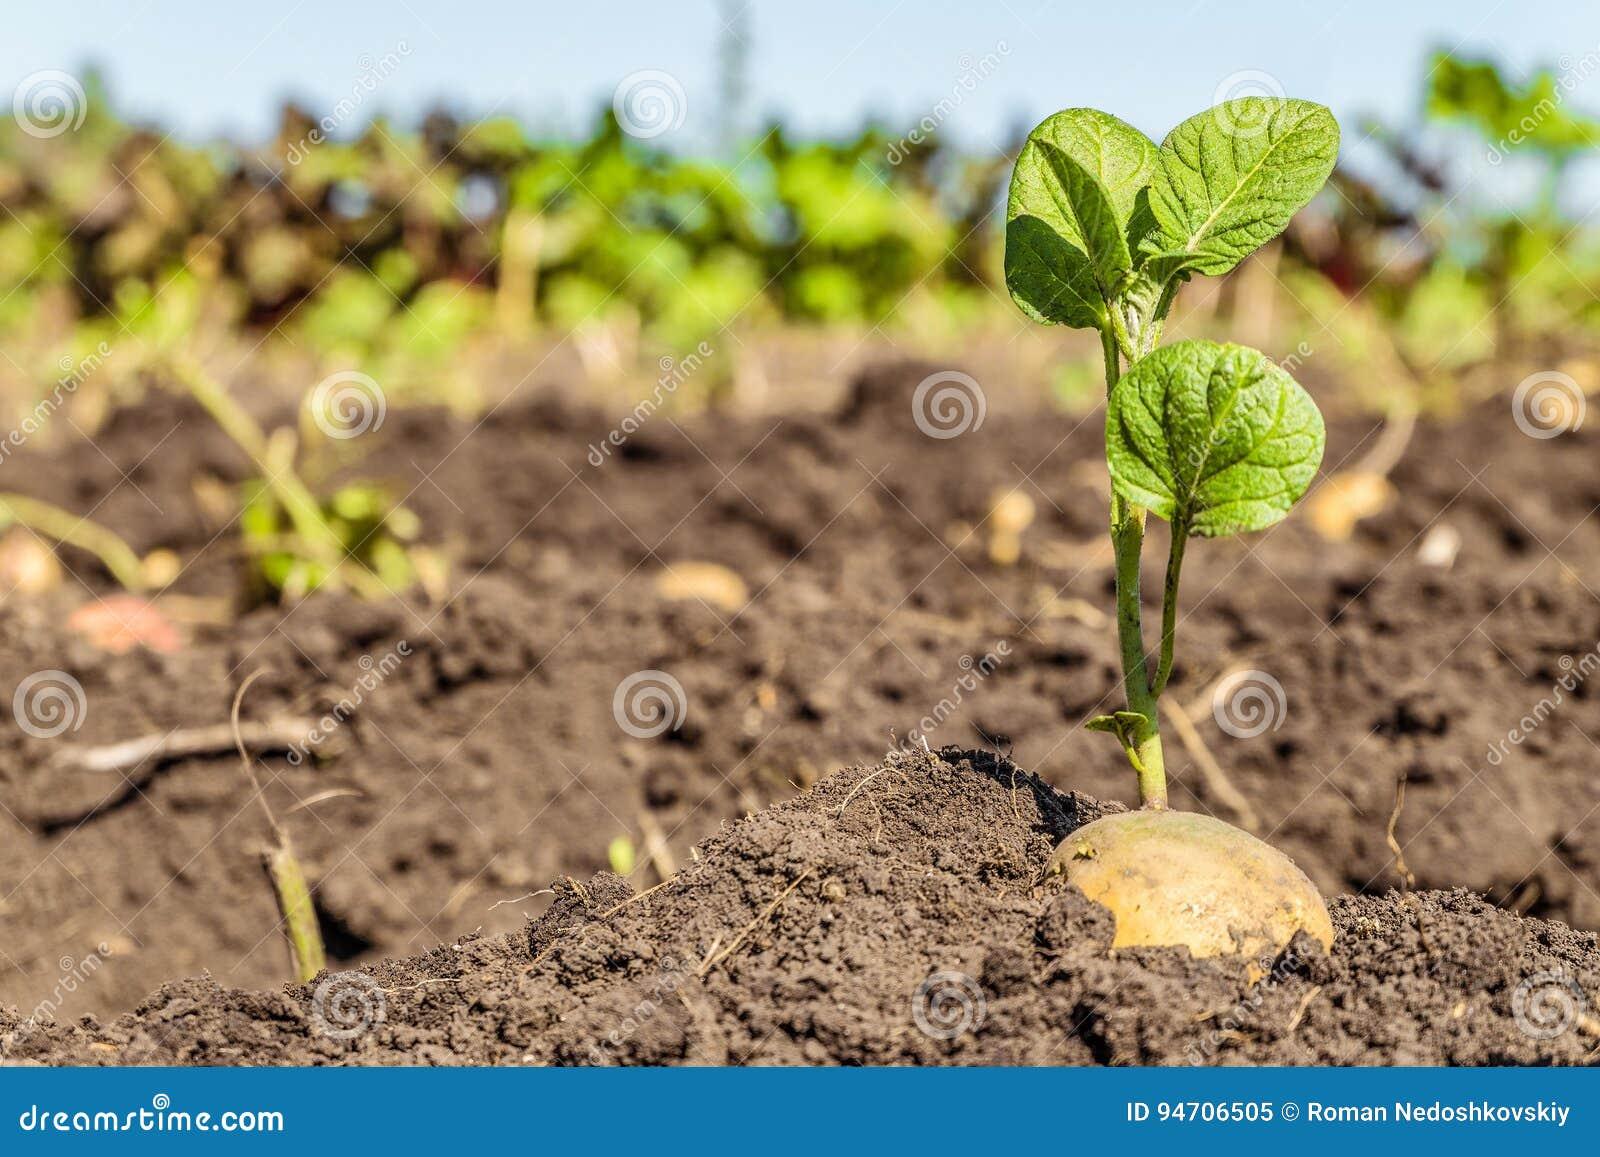 Tubérculo brotado de la patata Lanzamientos del verde de la semilla de la patata en el fondo de la plantación